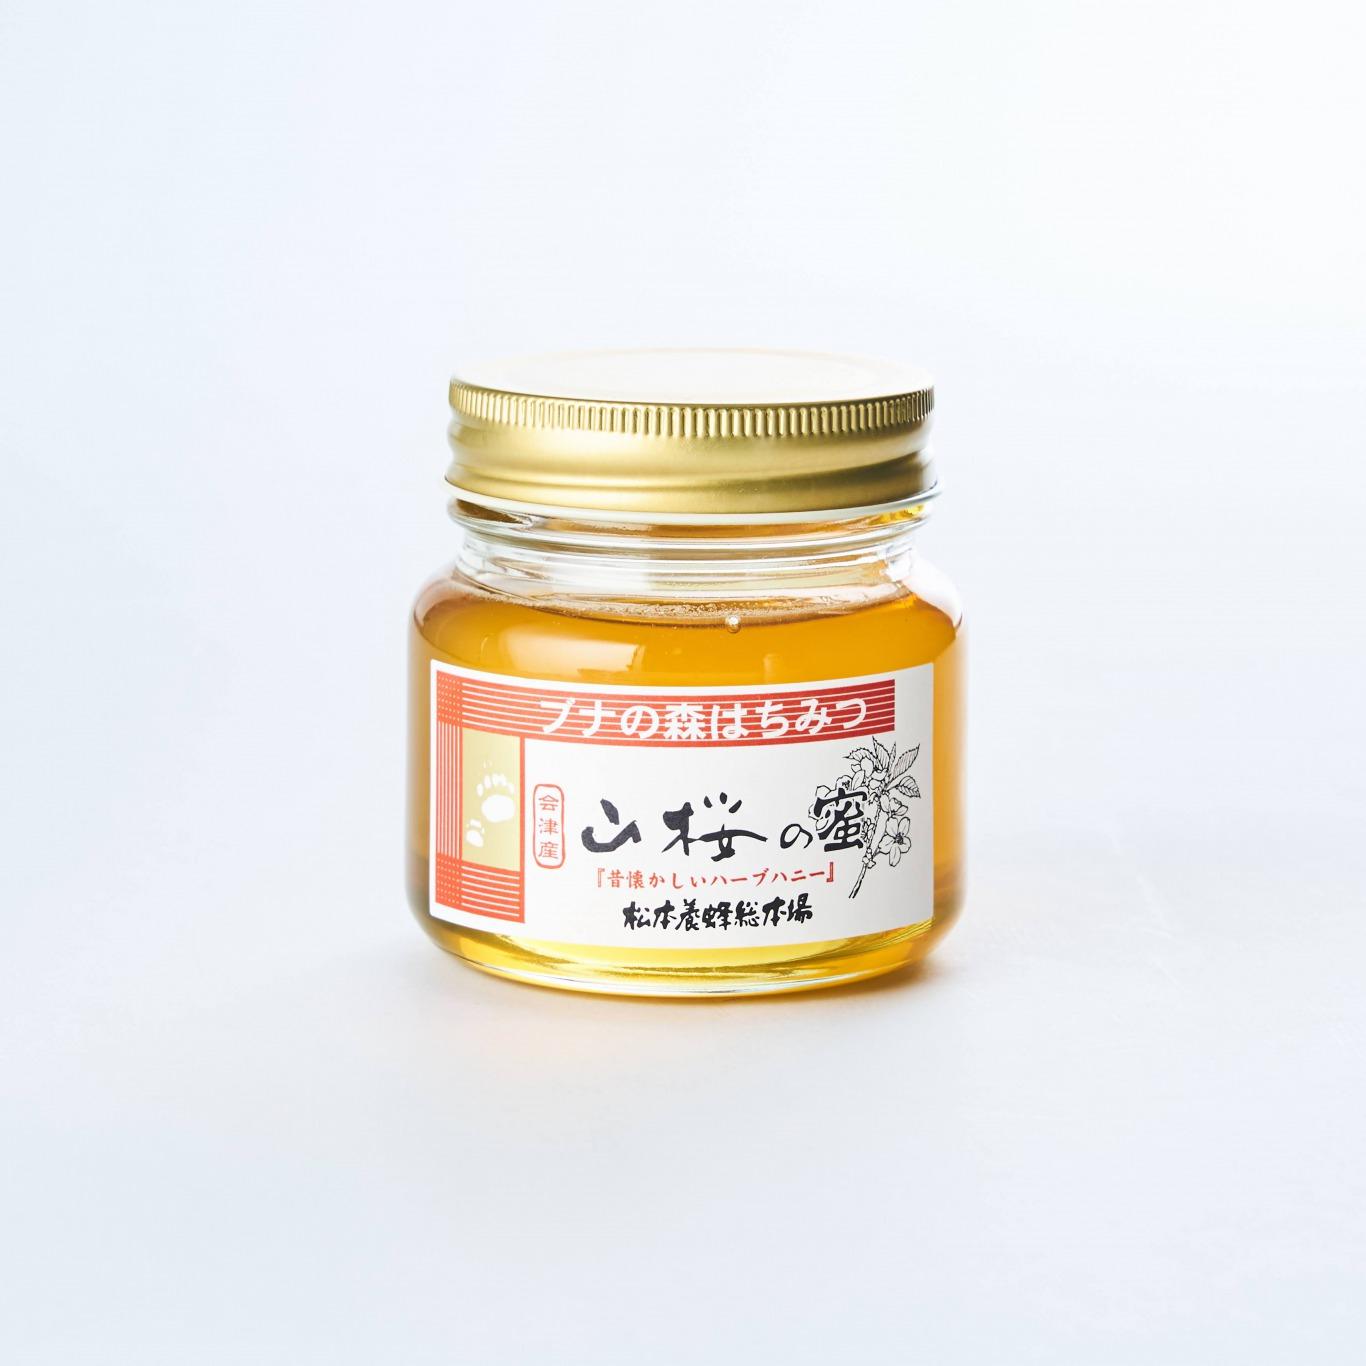 【2021年新蜜】 ブナの森はちみつ 山桜の蜜  270g